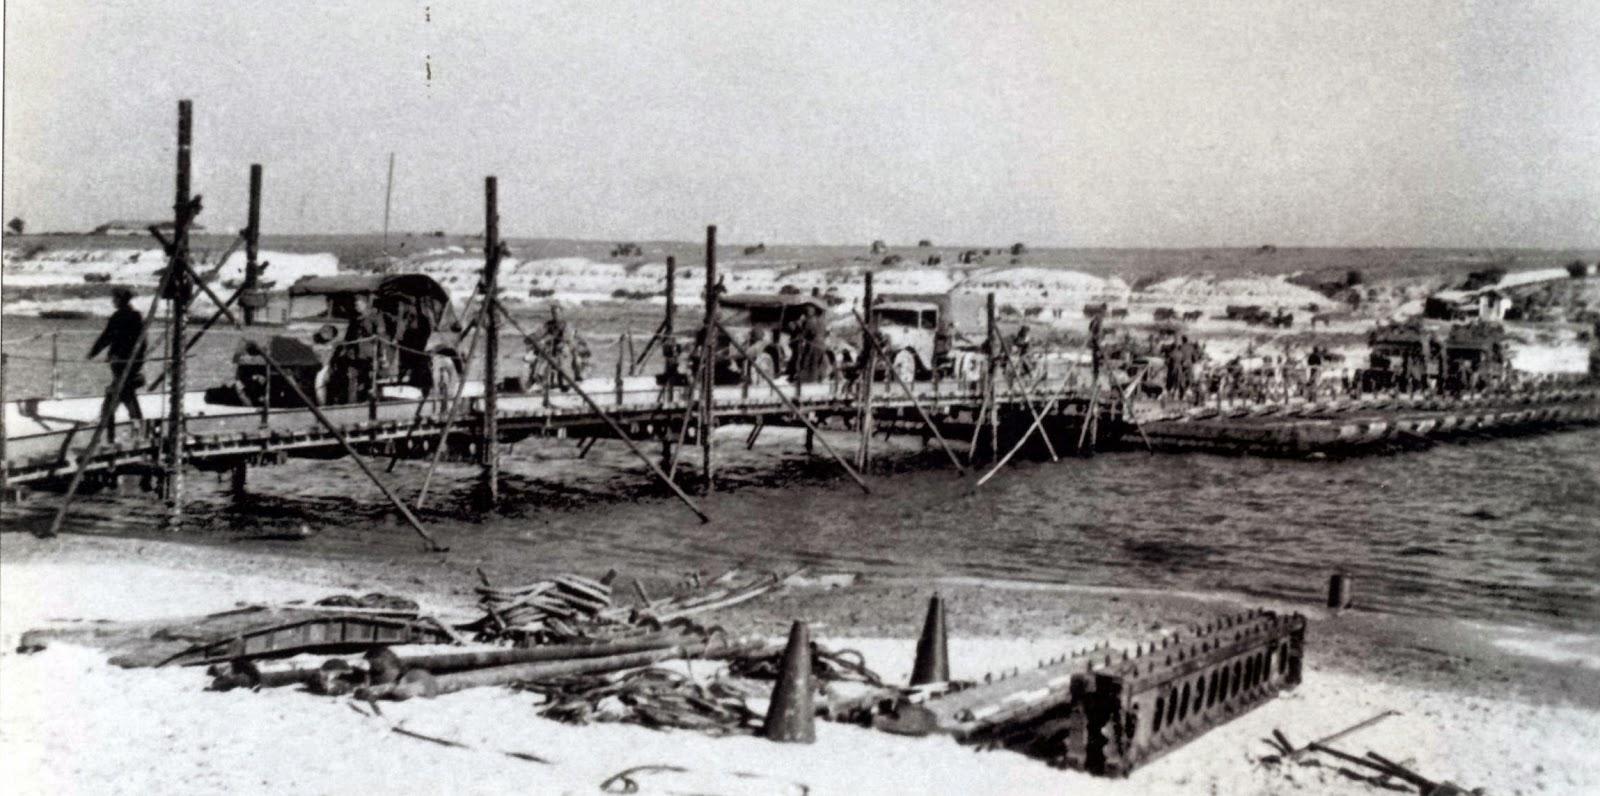 Jembatan ponton dari jenis 8 tonne bruckengerat b. bruckengerat b bisa